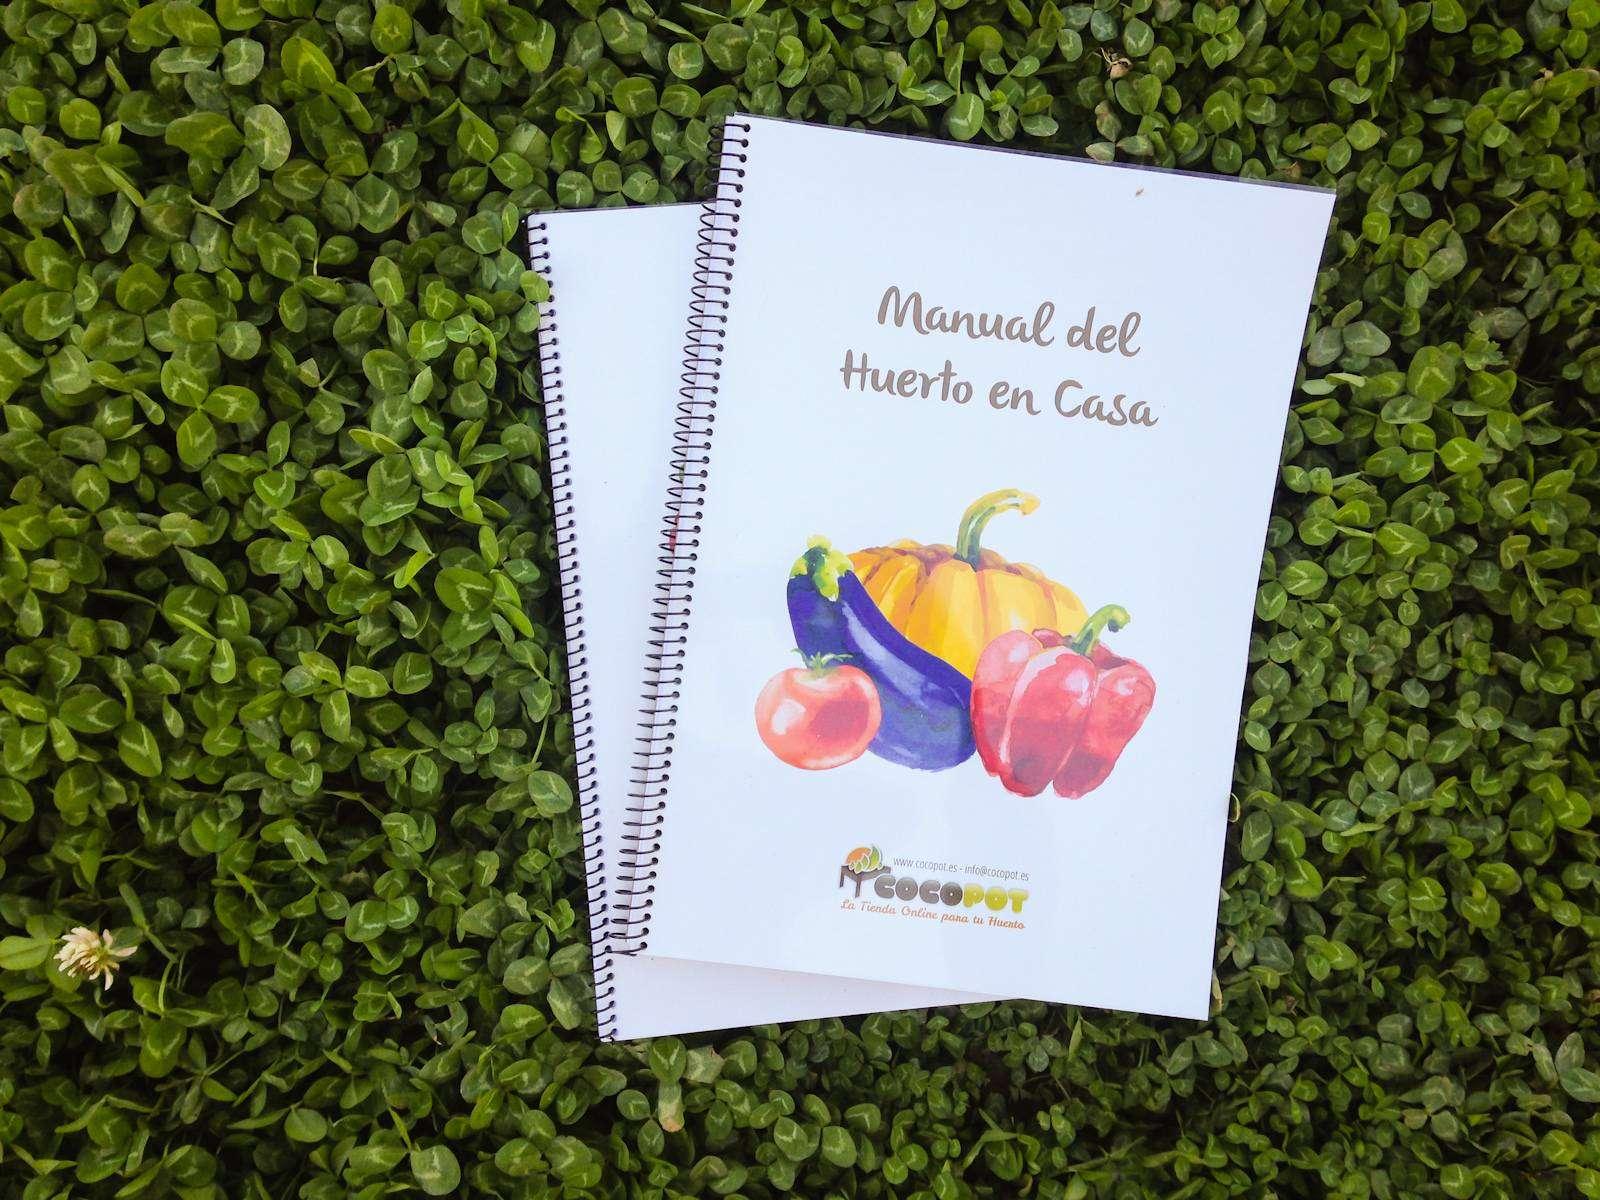 Manual del huerto cocopot huerto y jard n - Huerto y jardin ...